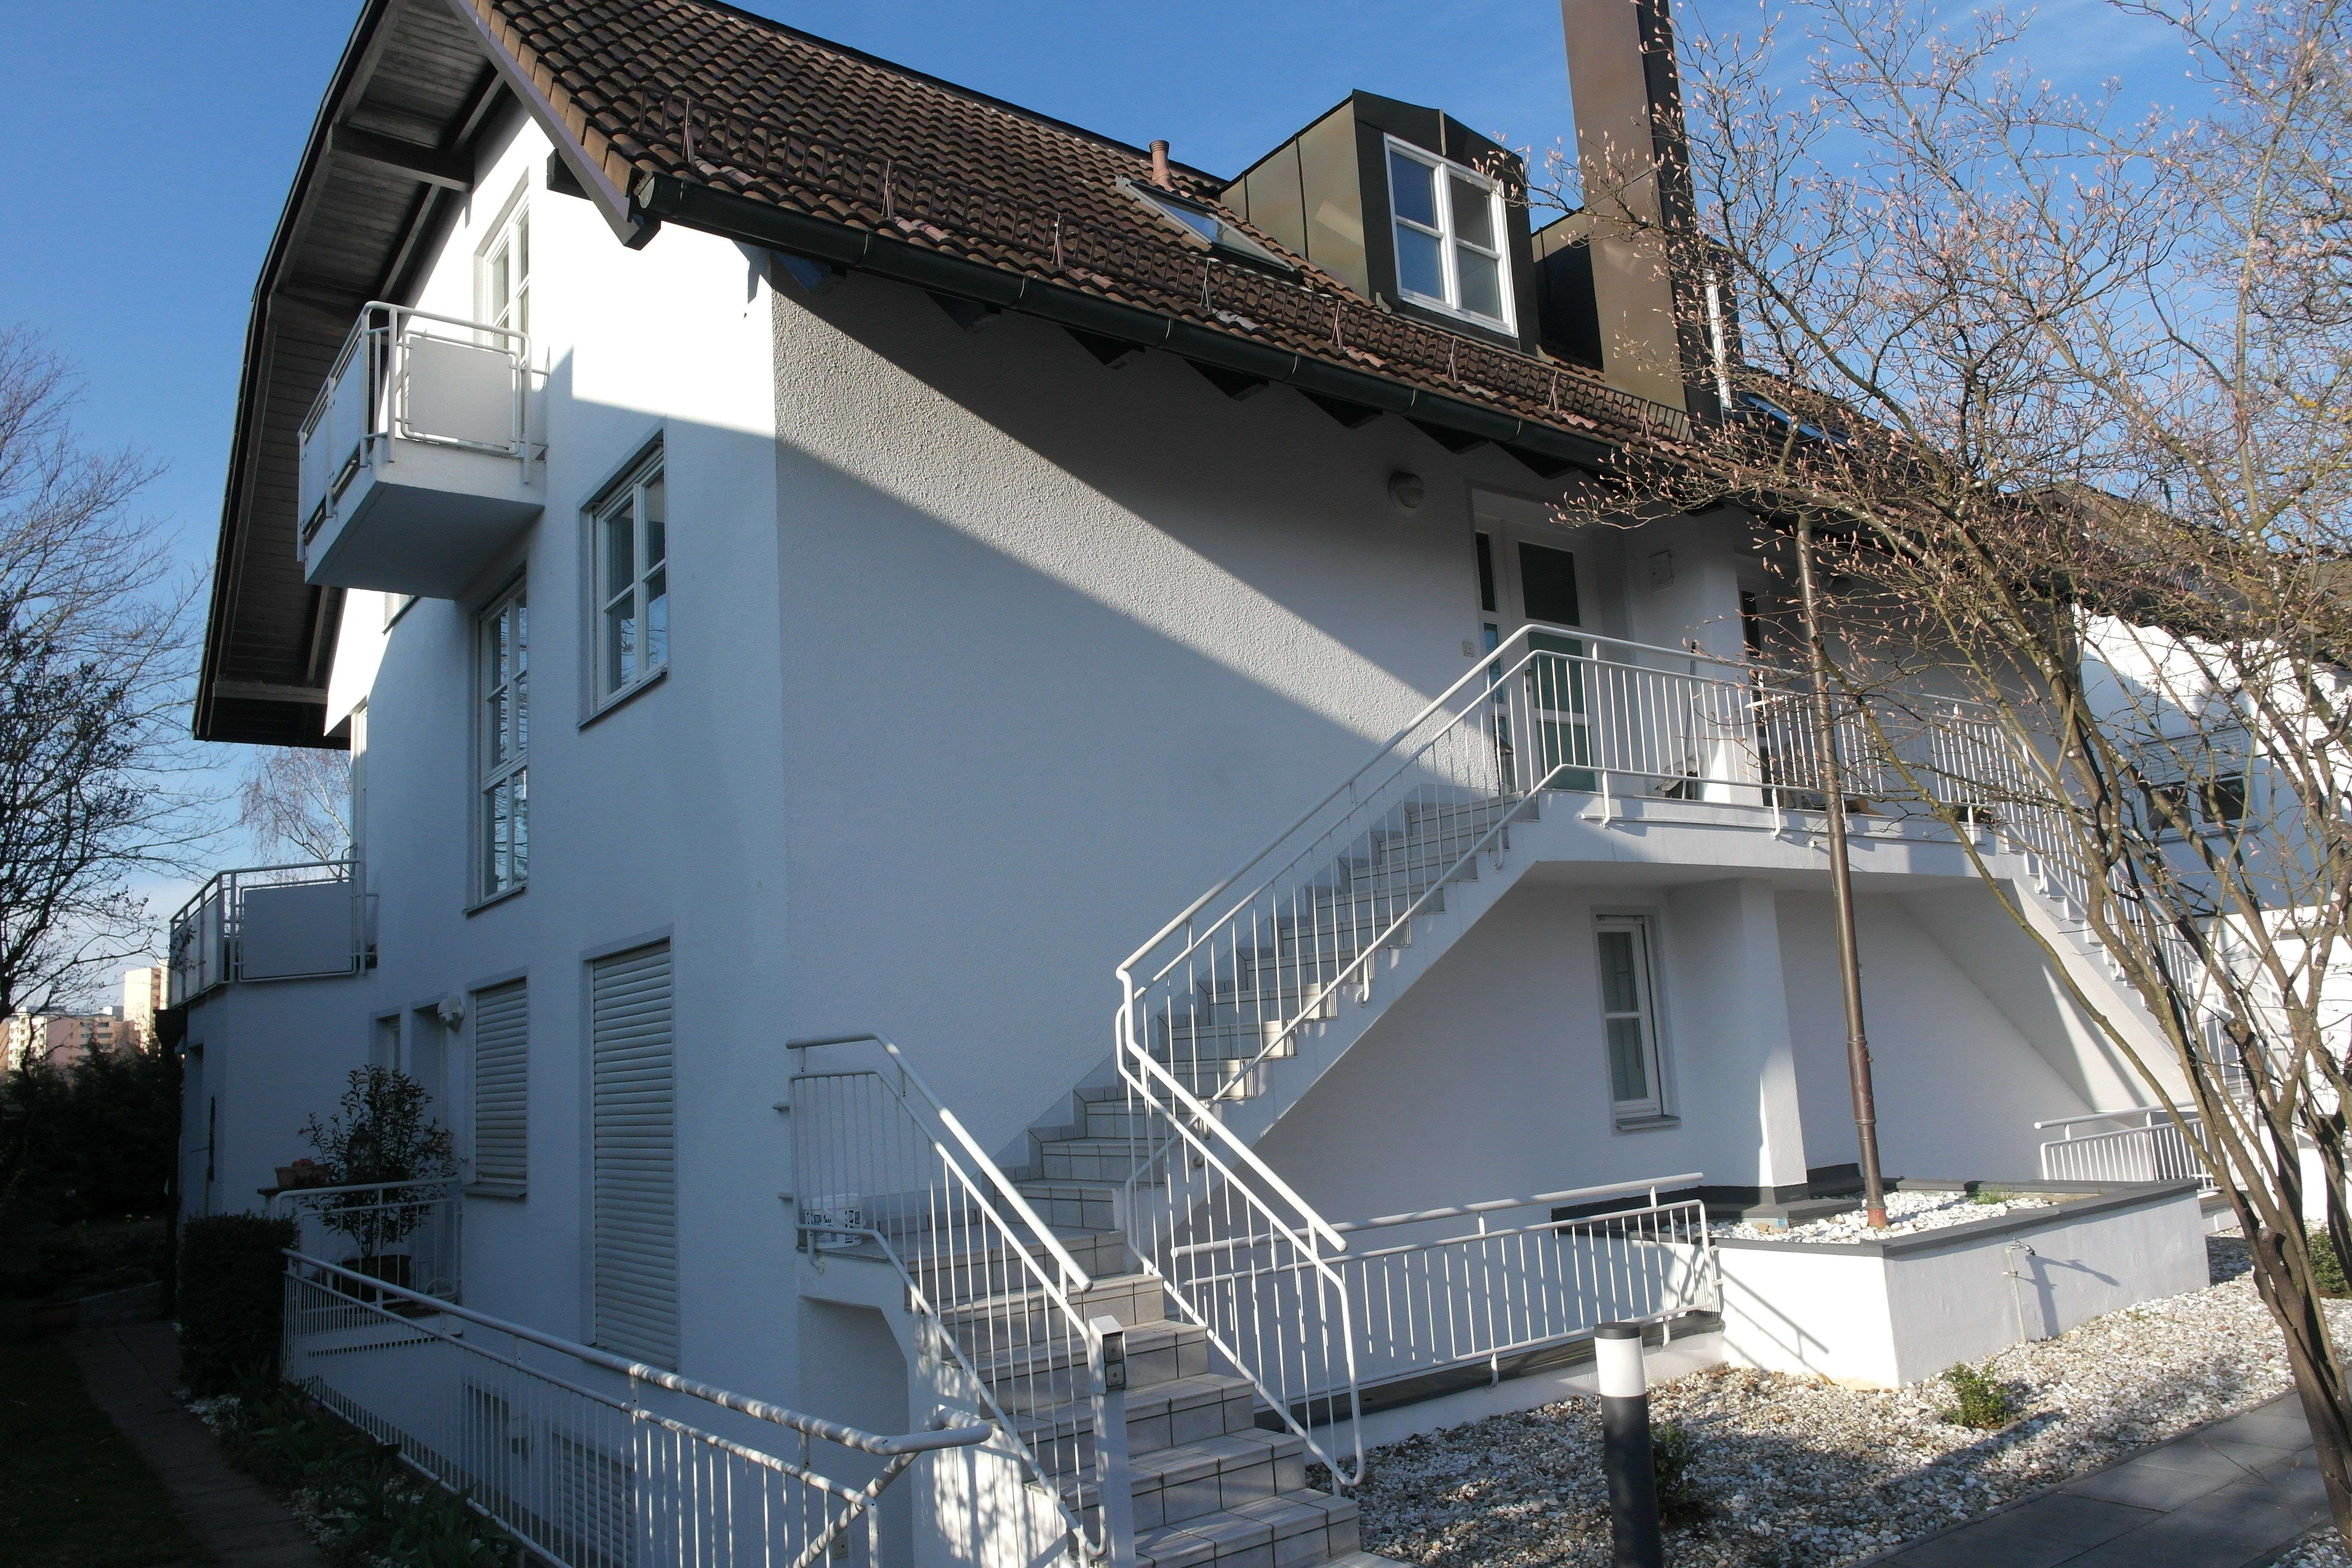 München−Trudering: Lichtdurchflutete 4−Zimmer OG⁄DG Maisonette mit Terrasse und Balkon in Trudering (München)